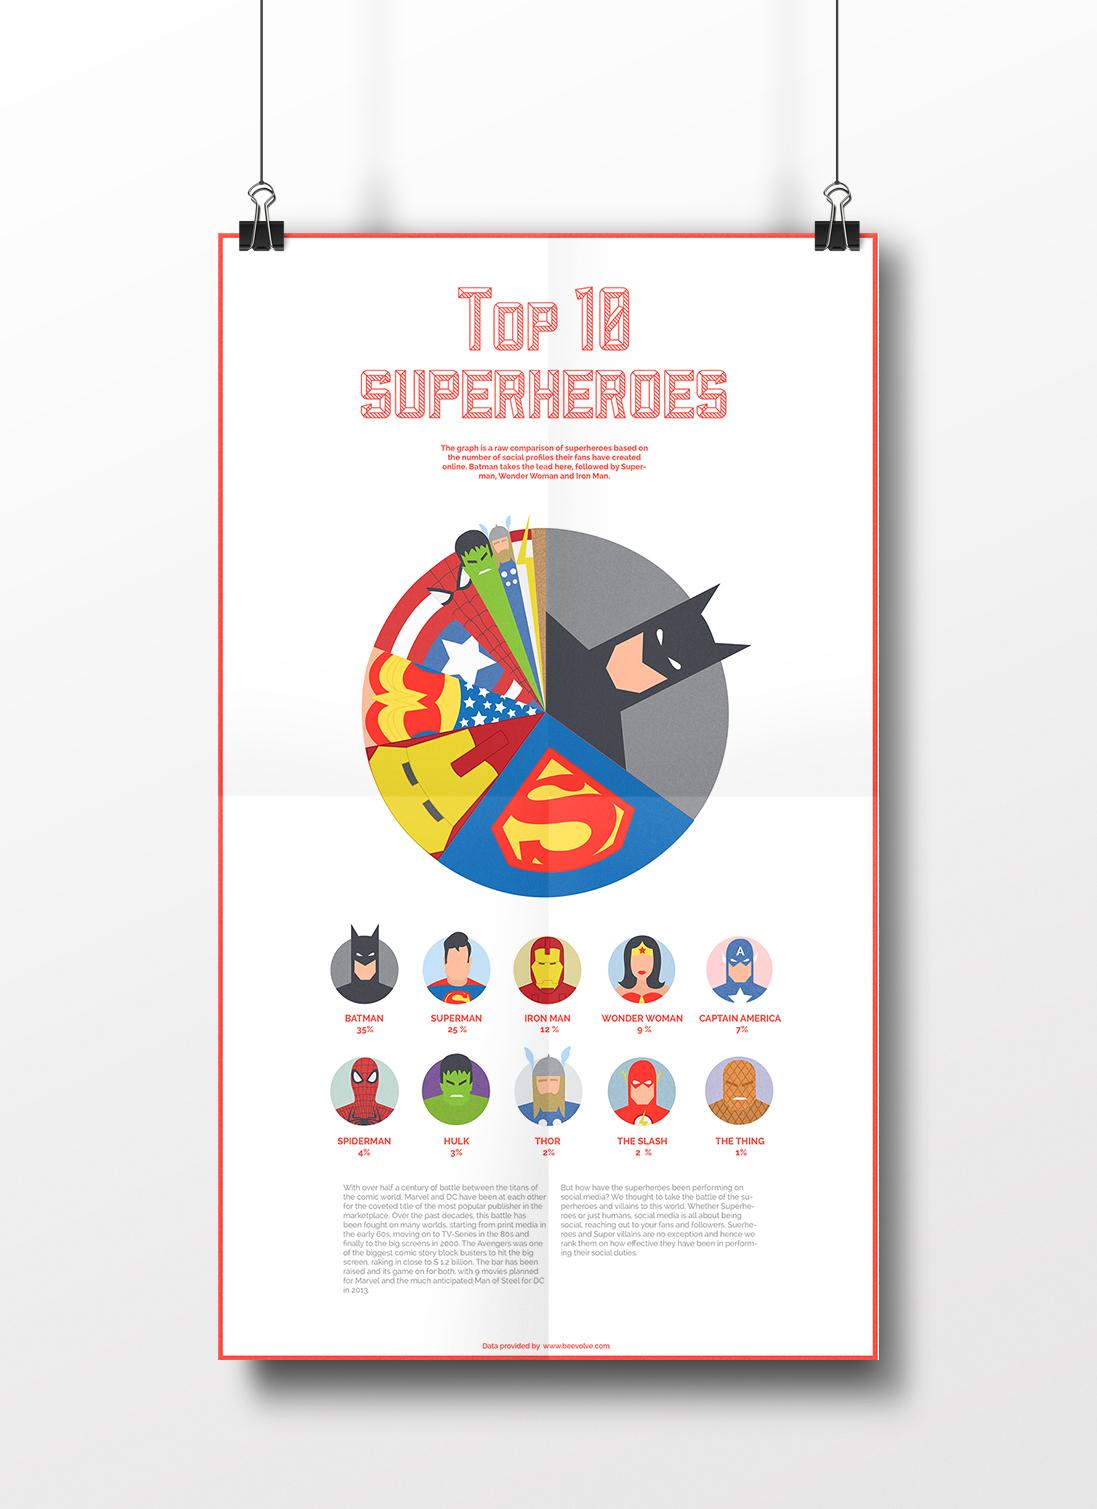 batman superman iron man les super h ros les plus populaires sur les r seaux sociaux actus. Black Bedroom Furniture Sets. Home Design Ideas